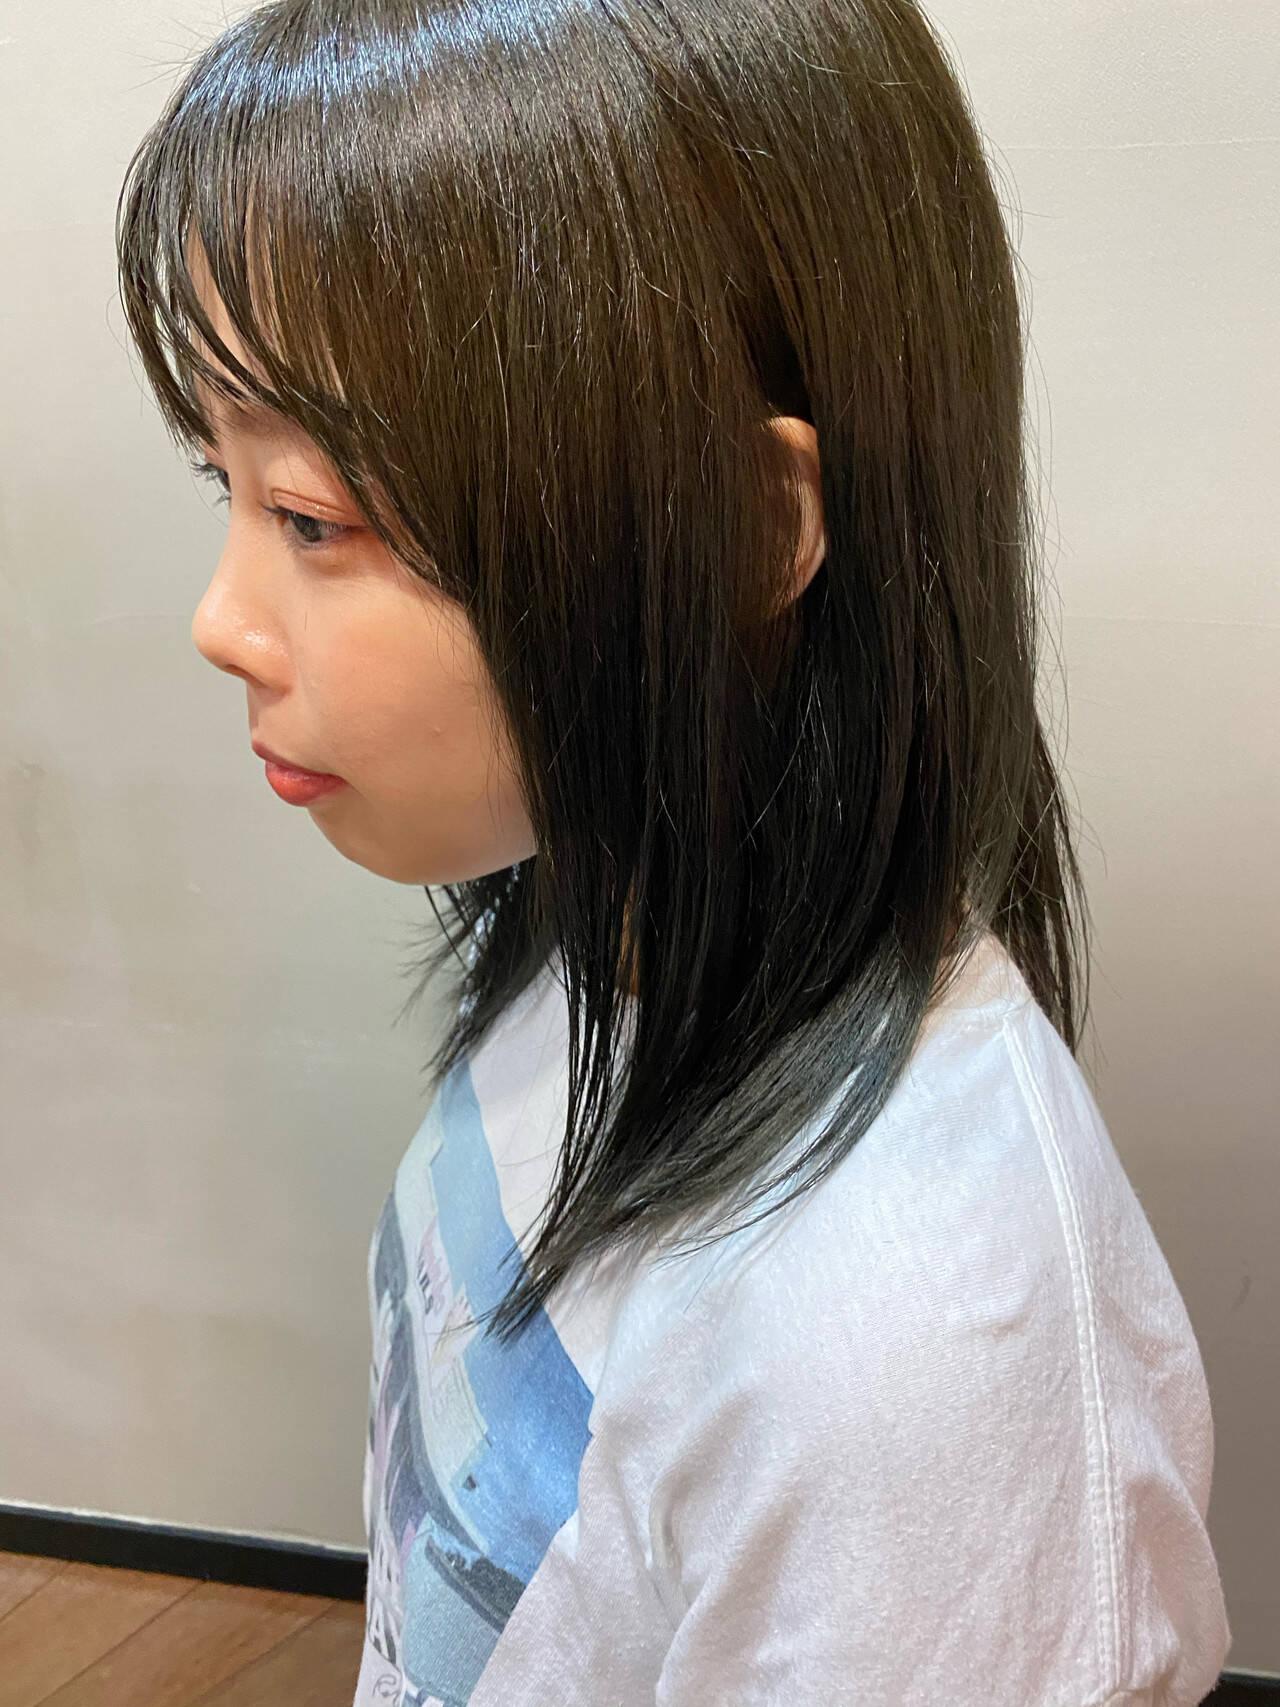 オリーブブラウン オリーブアッシュ オリーブグレージュ オリーブベージュヘアスタイルや髪型の写真・画像